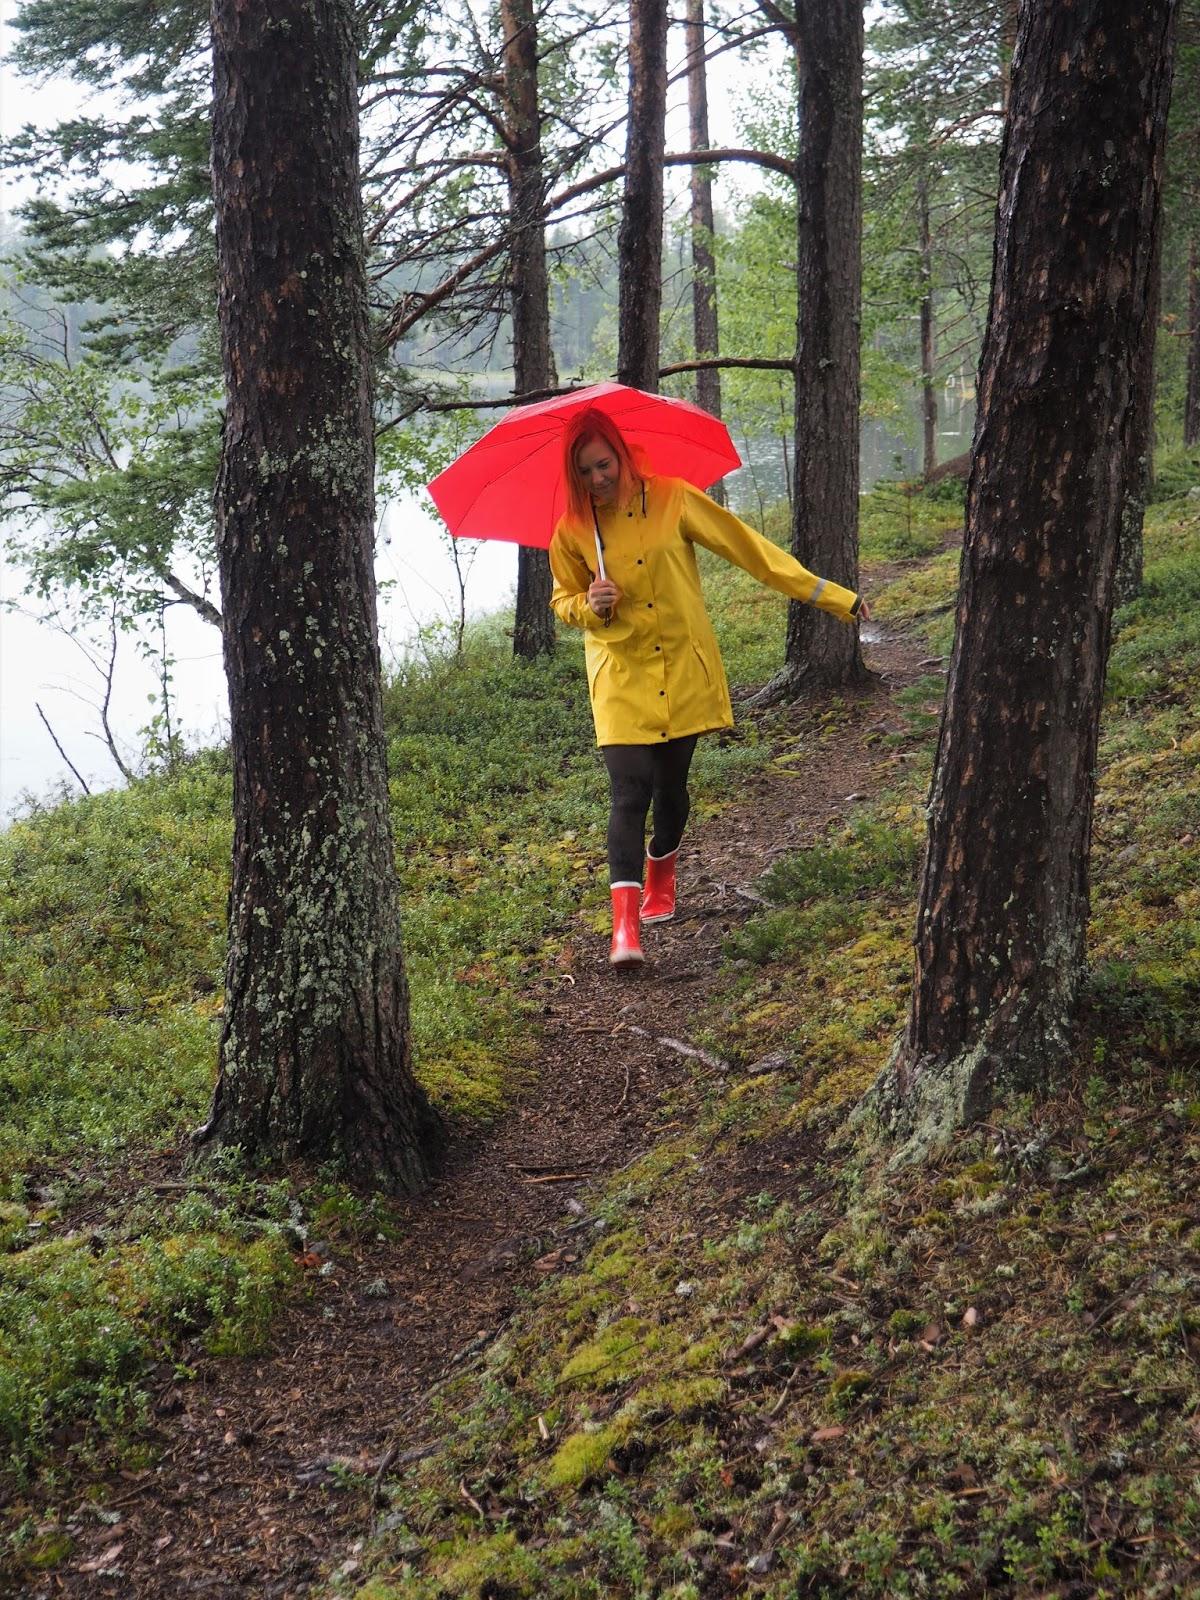 Punainen sateenvarjo, keltainen sadetakki, metsässä, kuvaaja Fia Hollmén